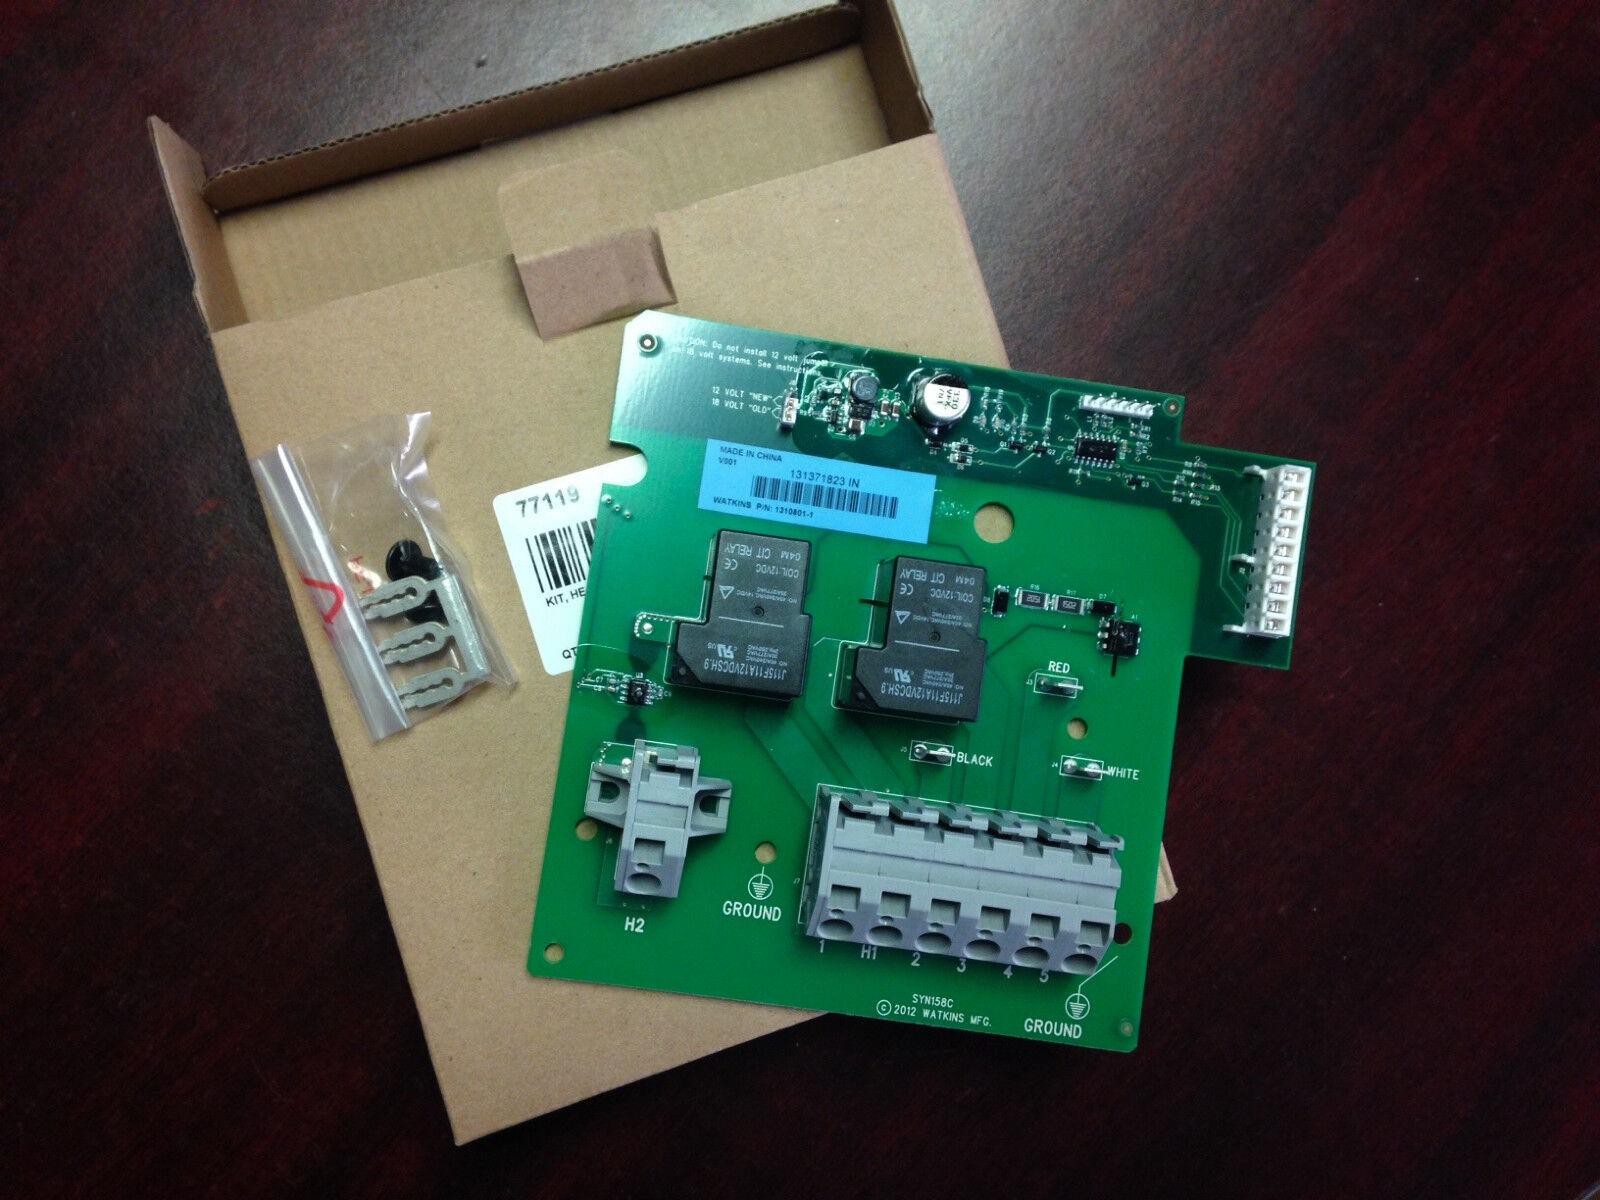 Hot Spring Iq 2020 Calentador Relay Board W   Jumpers 74618 (nuevo número de parte  77119)